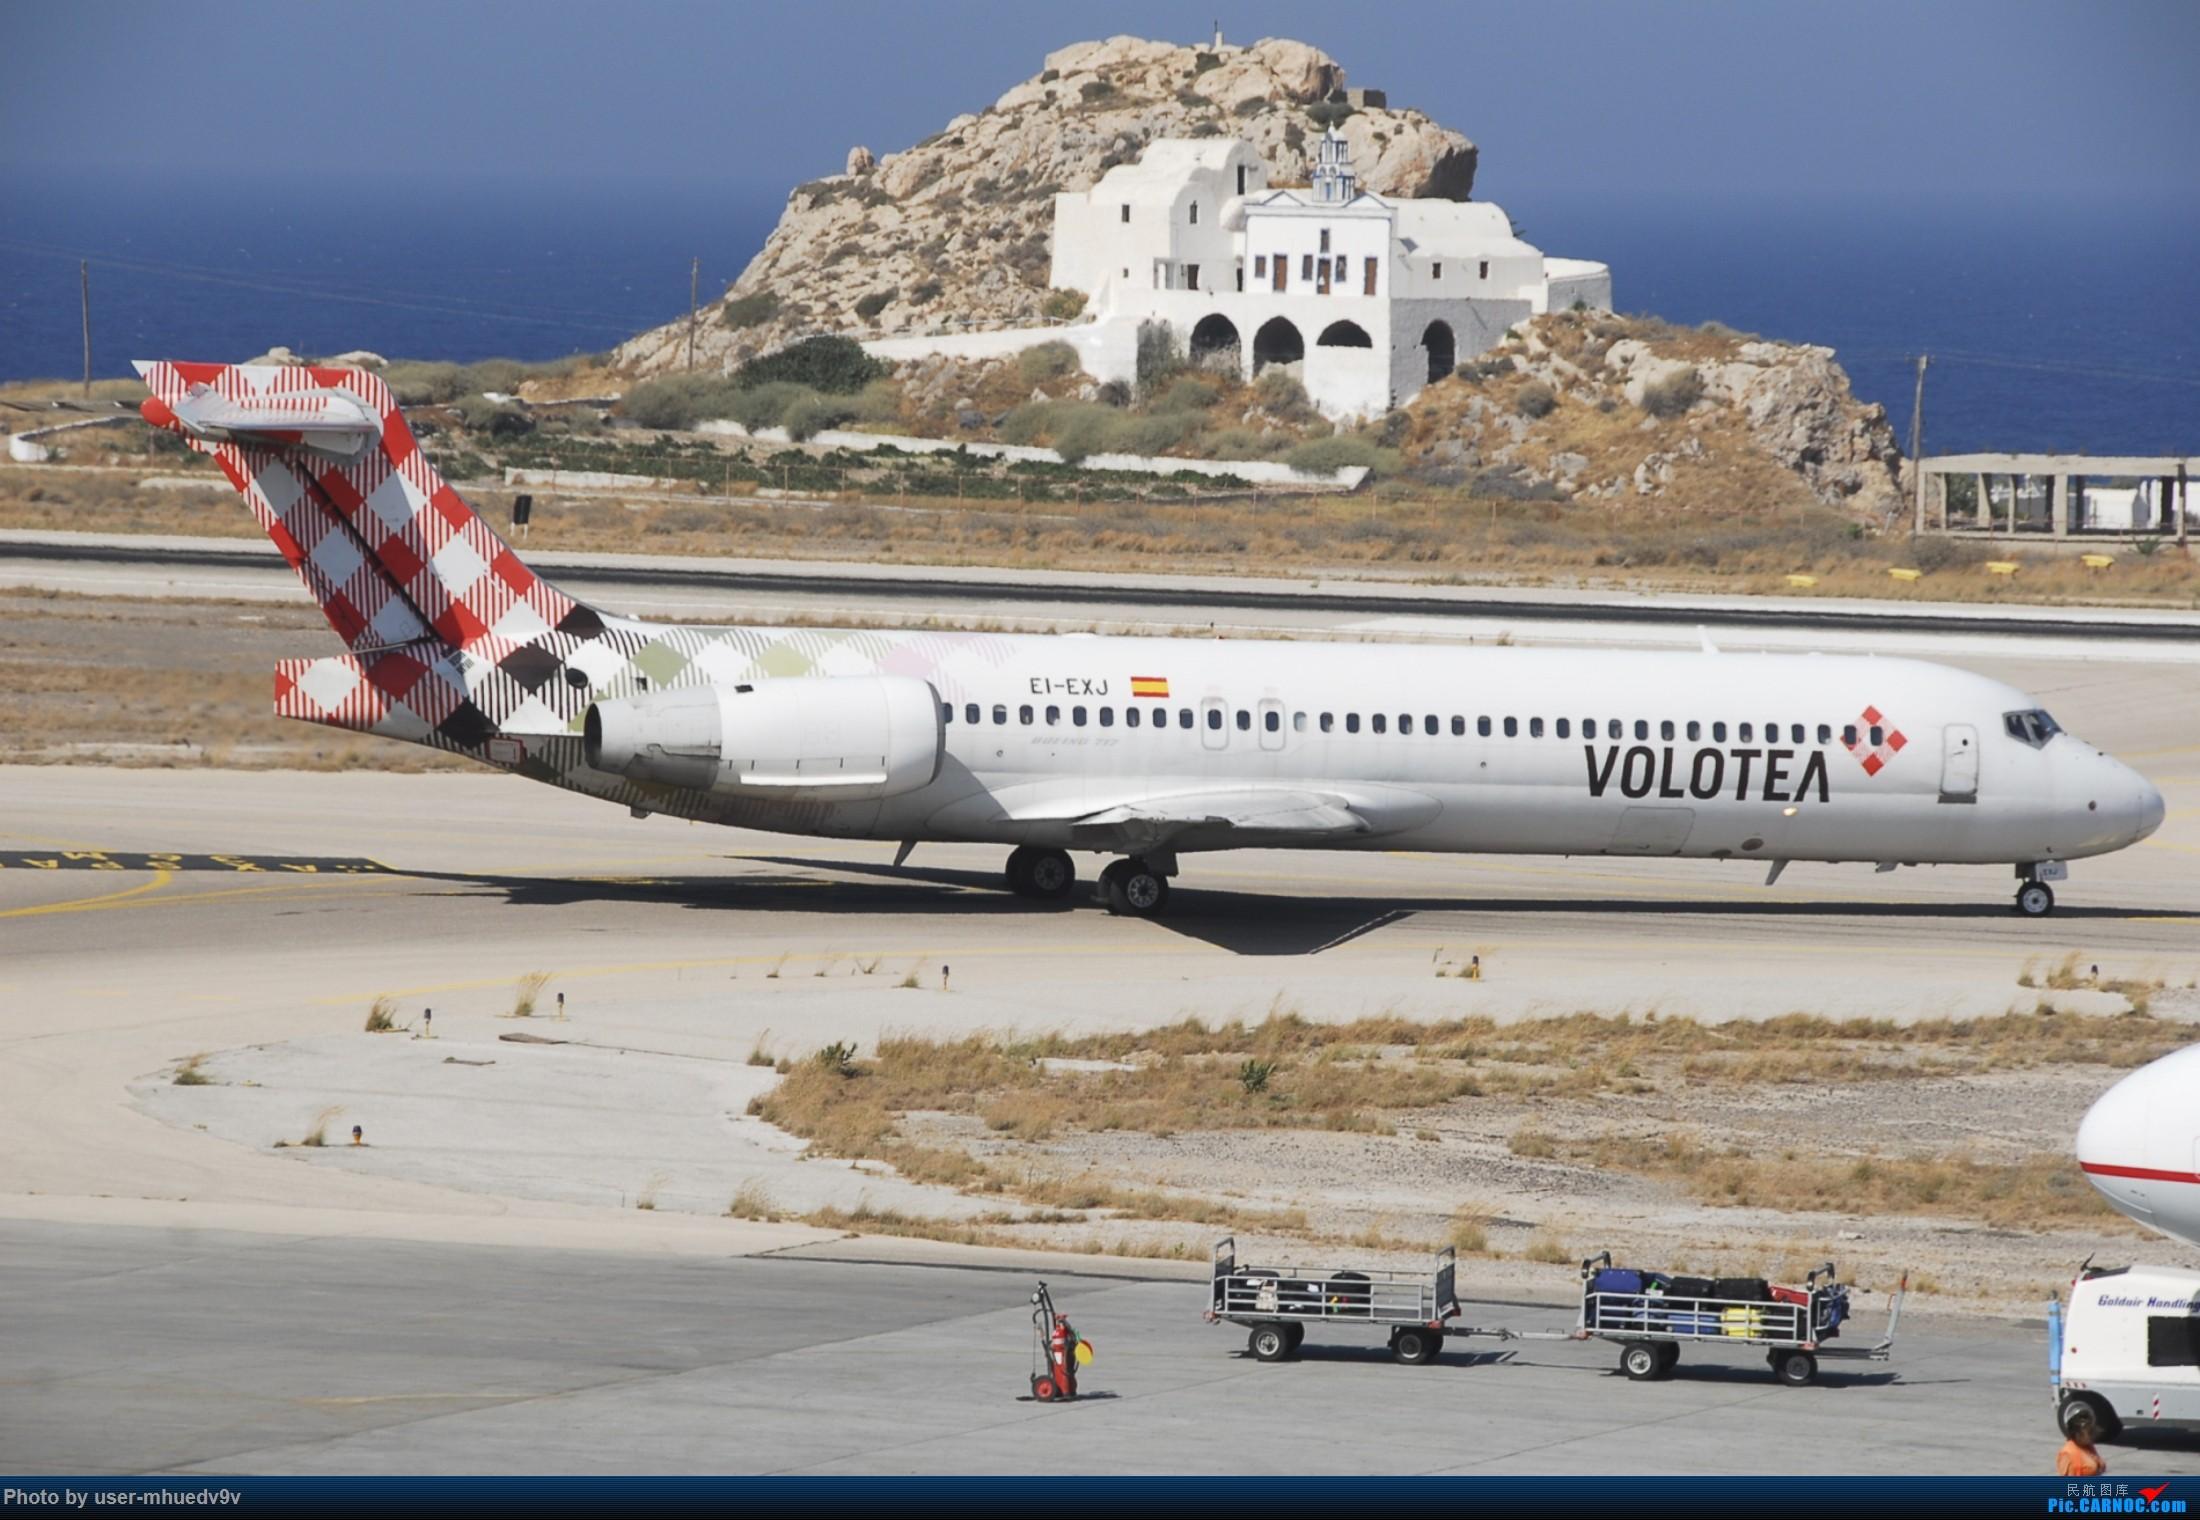 Re:[原创]暑假旅拍(旅途中拍机。。。) BOEING 717-200 EI-EXJ 希腊圣托里尼机场